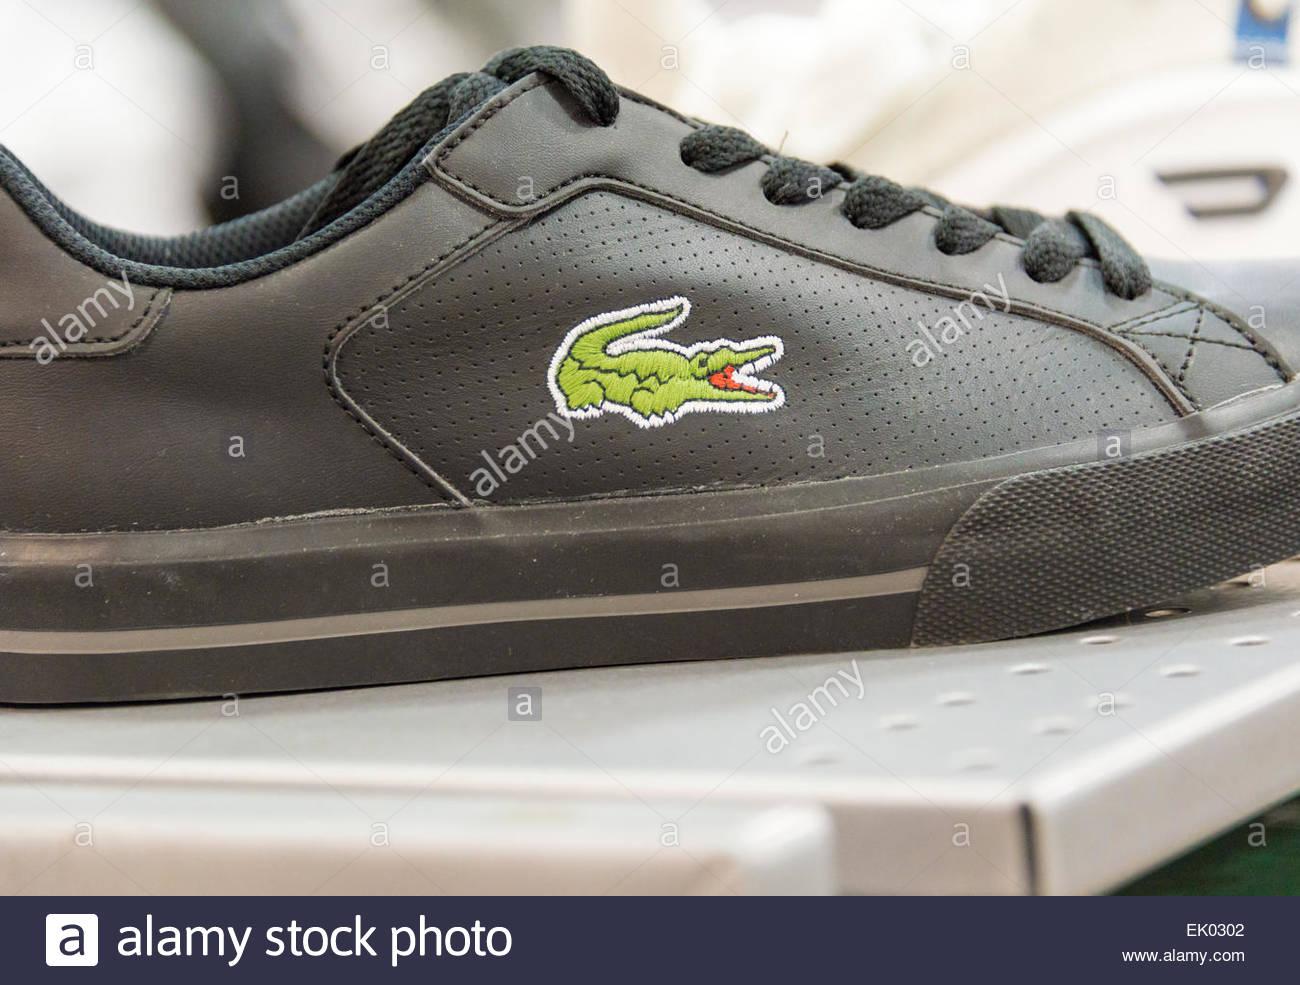 Lacoste scarpa in uno scaffale di un negozio; Lacoste è un